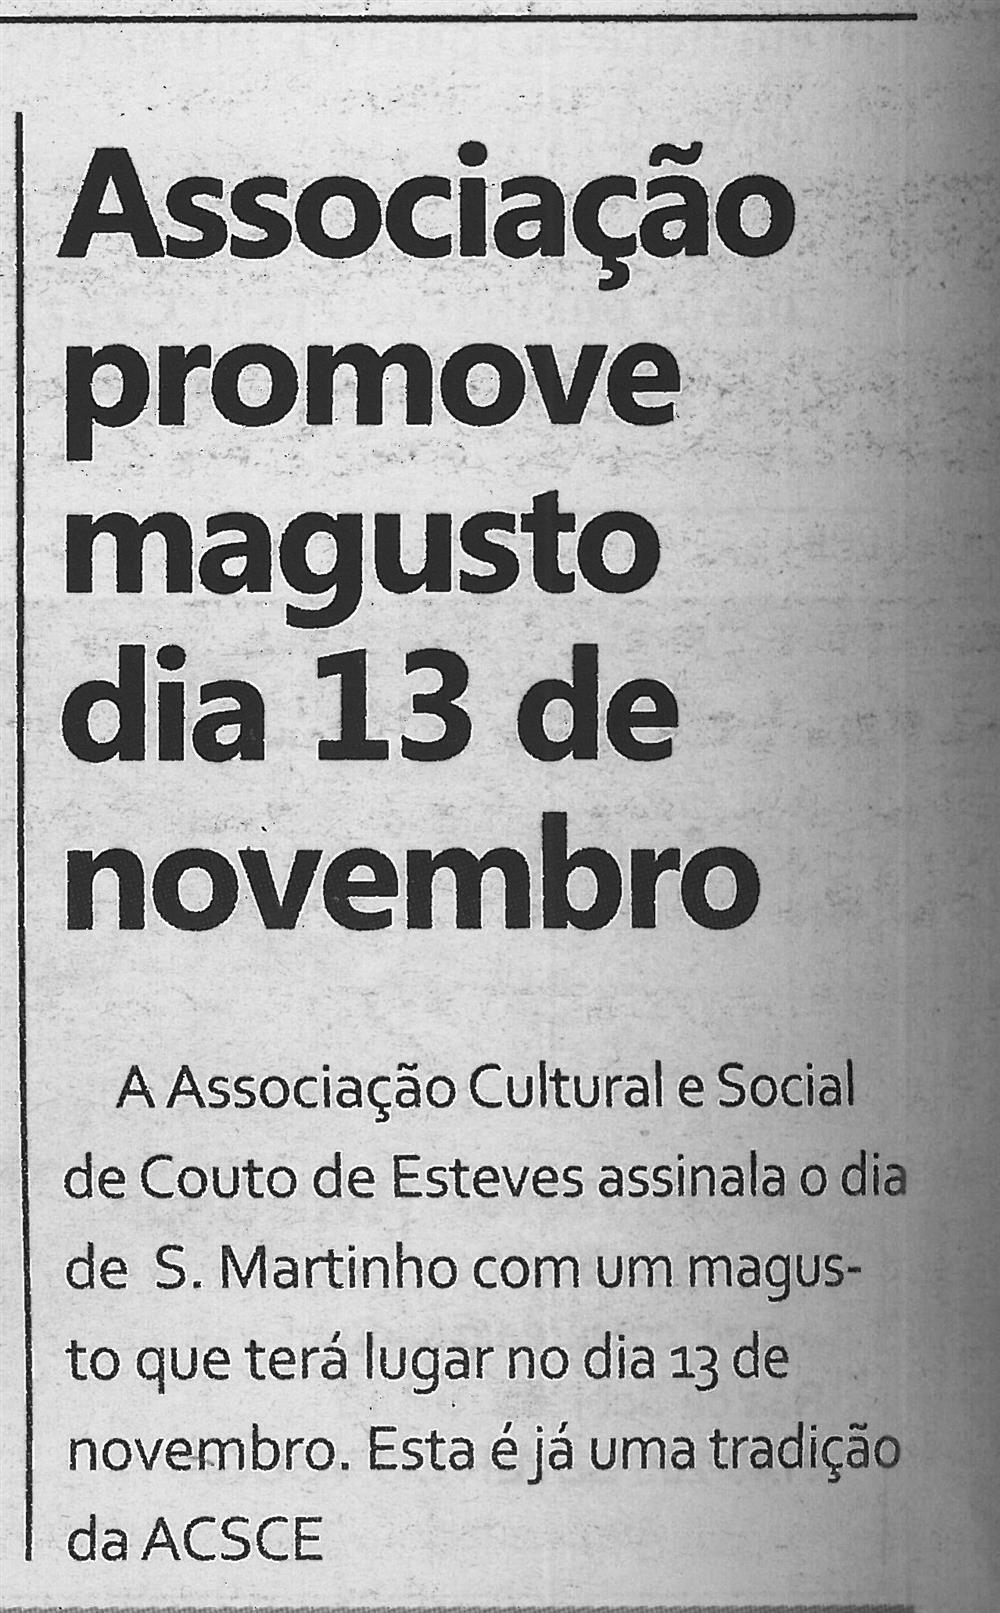 TV-nov.'16-p.6-Associação promove magusto dia 13 de novembro.jpg